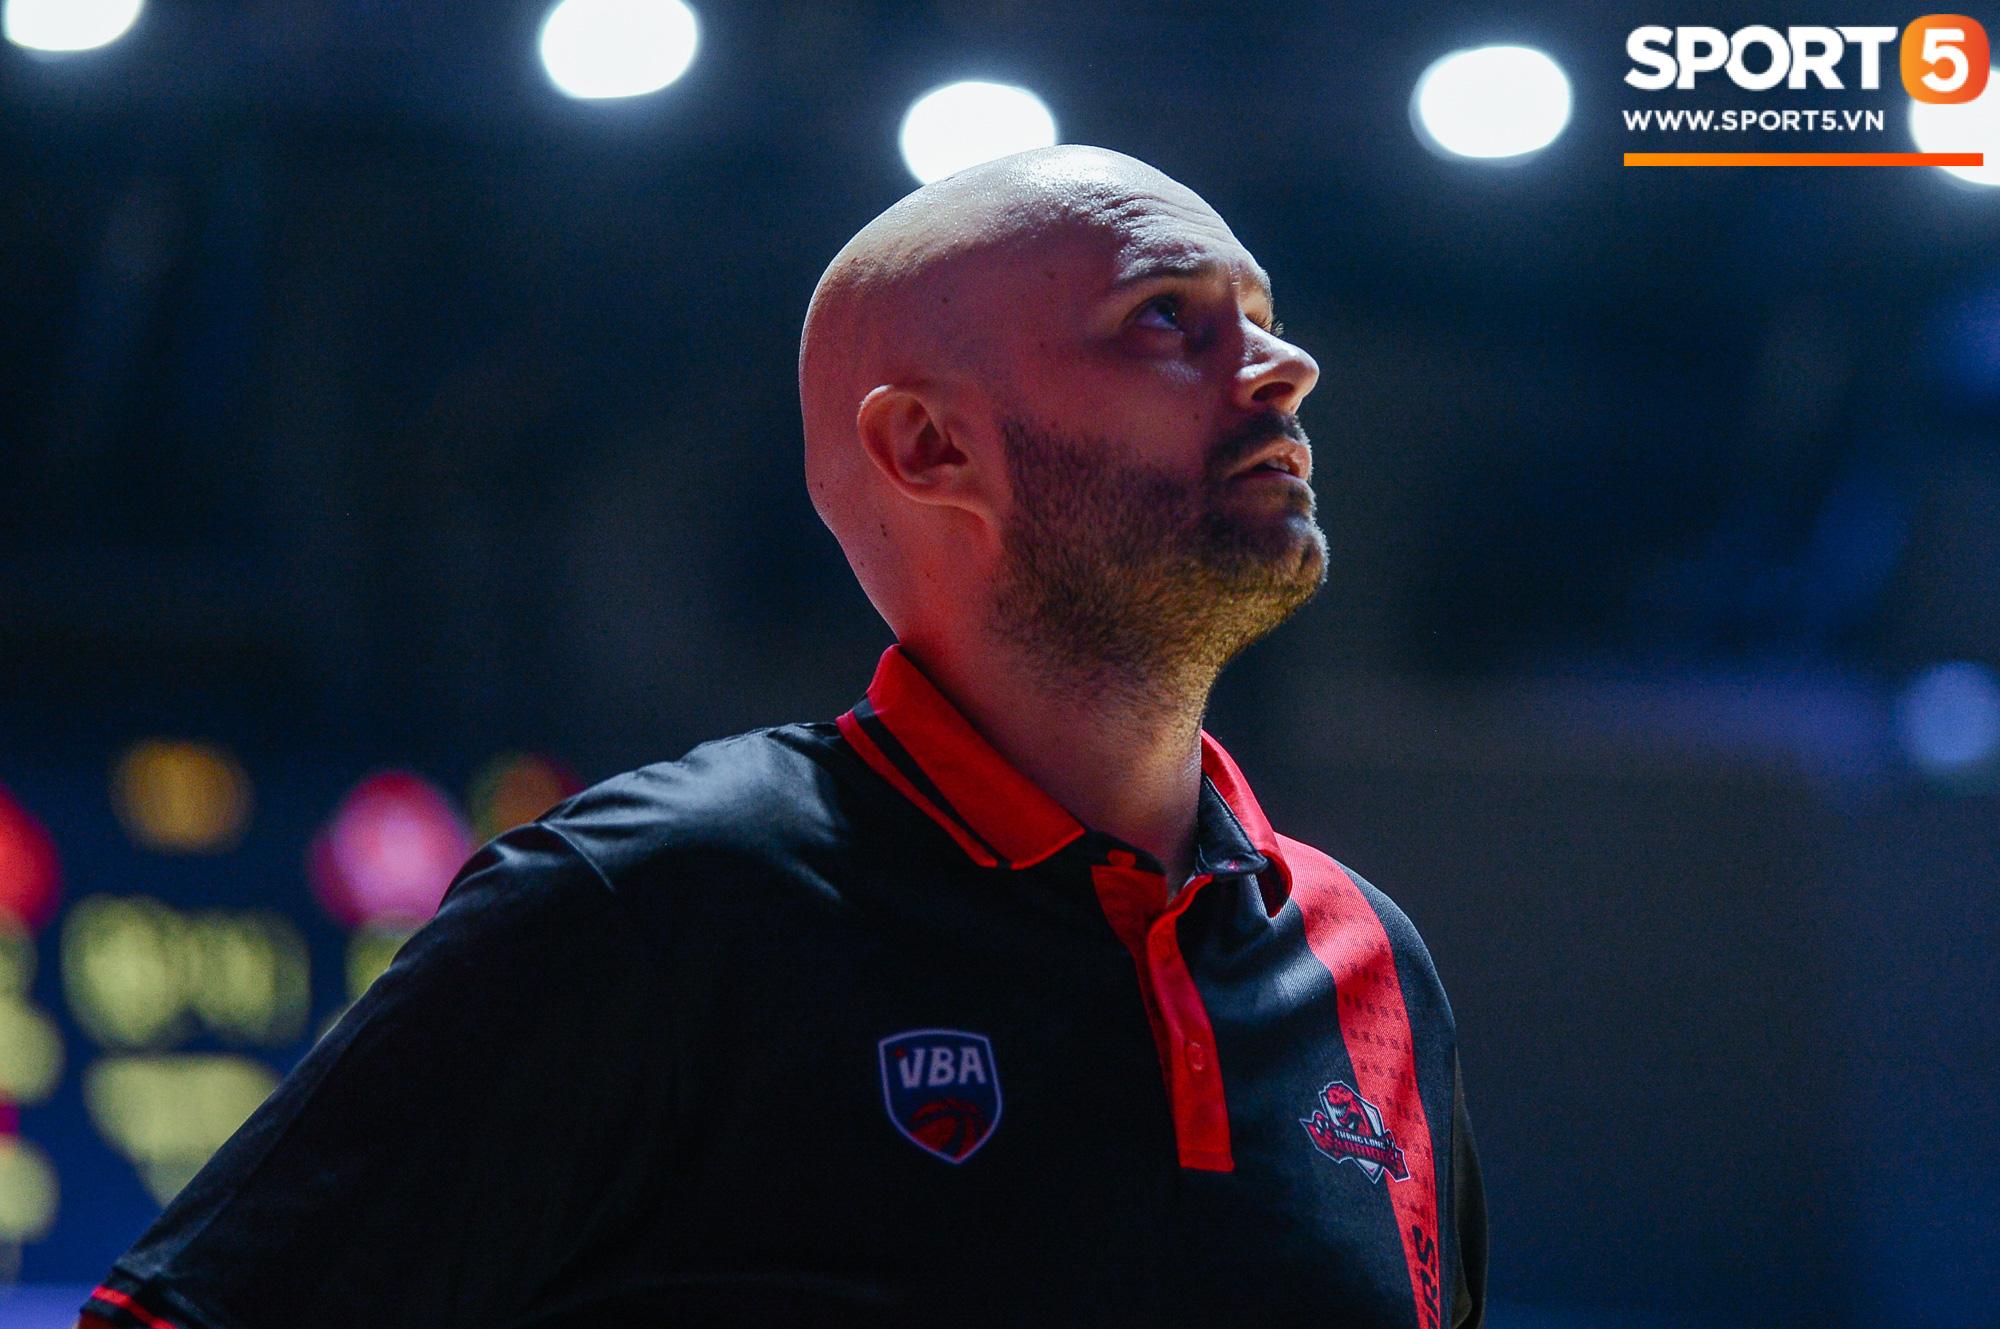 """HLV Predrag Lukic: """"Thang Long Warriors không phải Super Team, chúng tôi cũng phải chiến đấu như những đội bóng khác"""" - Ảnh 2."""